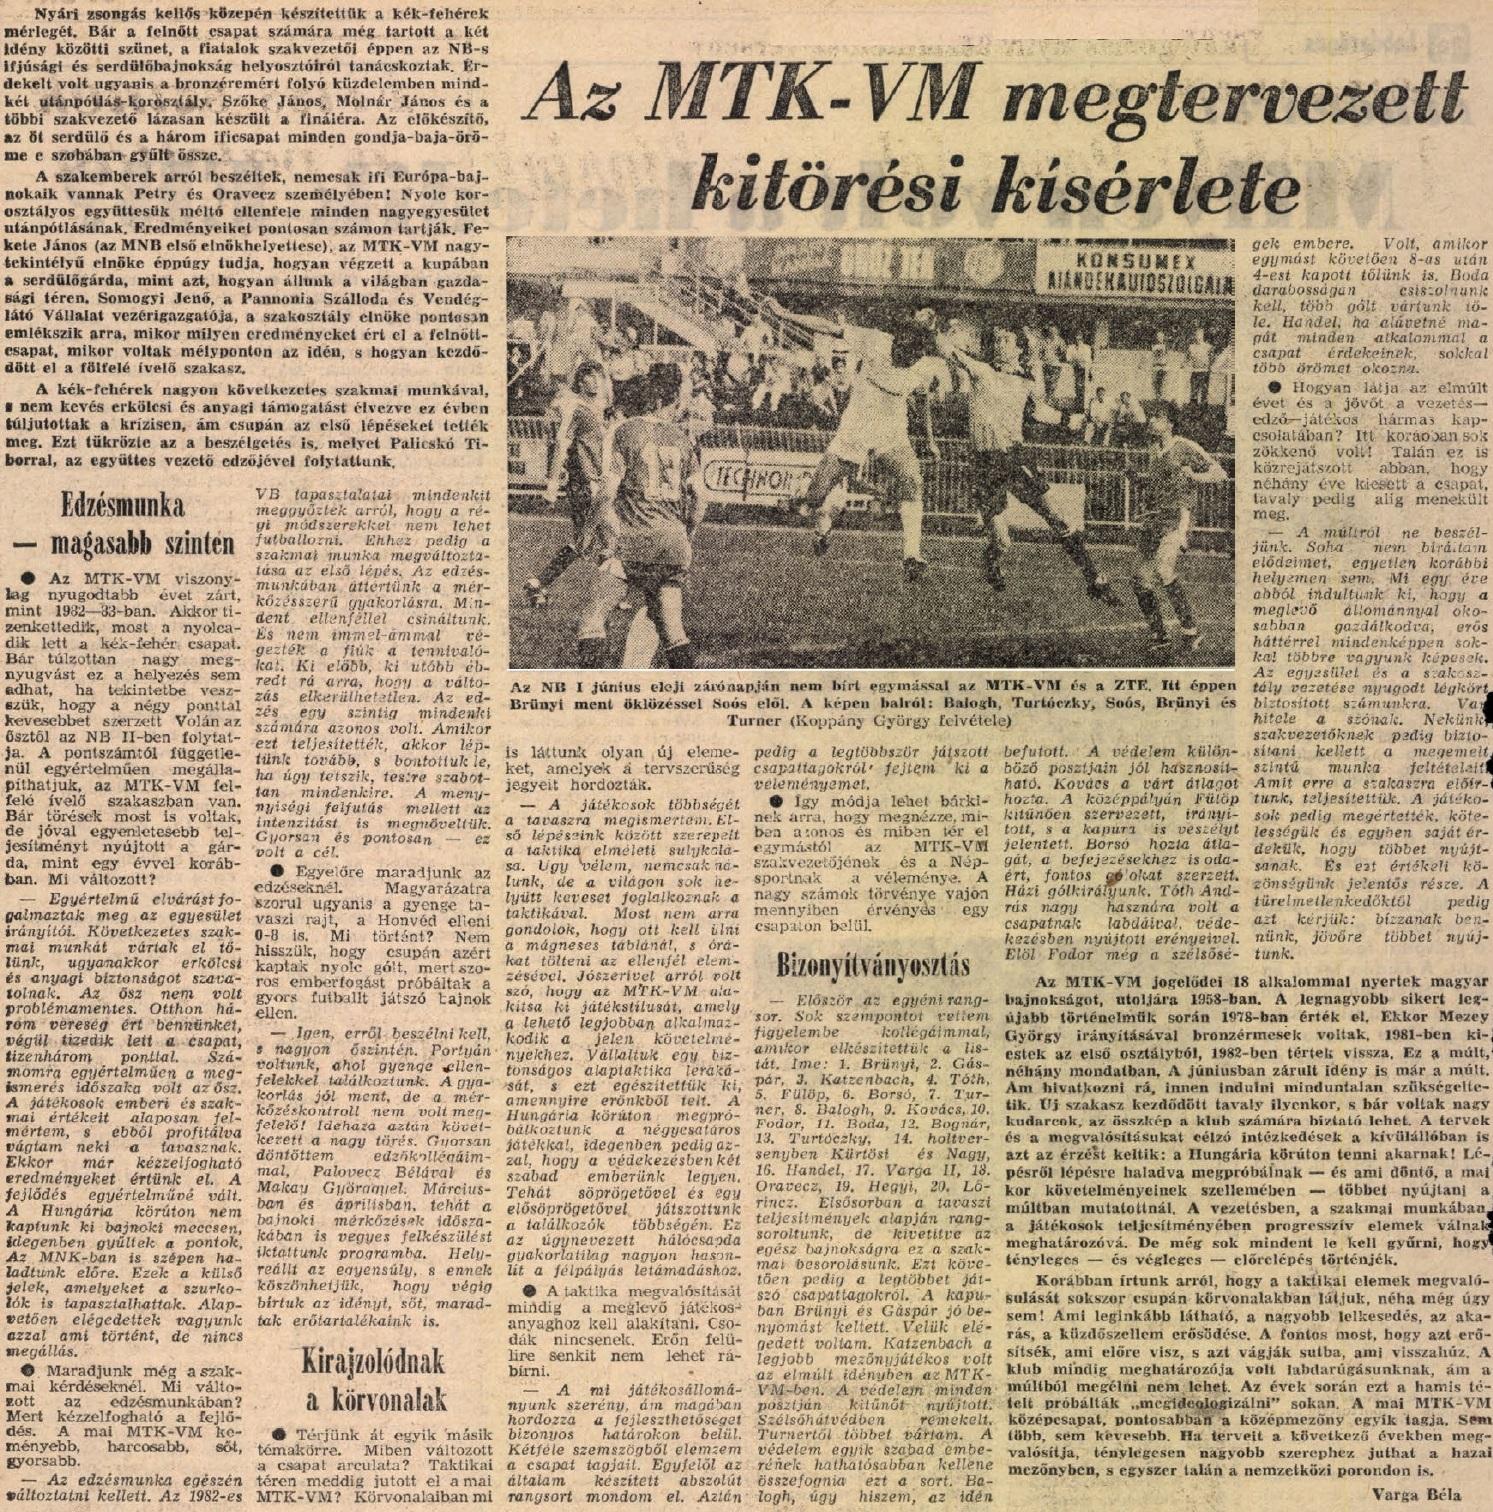 idokapszula_nb_i_1983_84_tavaszi_zaras_merlegen_a_felsohaz_8_mtk_vm.jpg